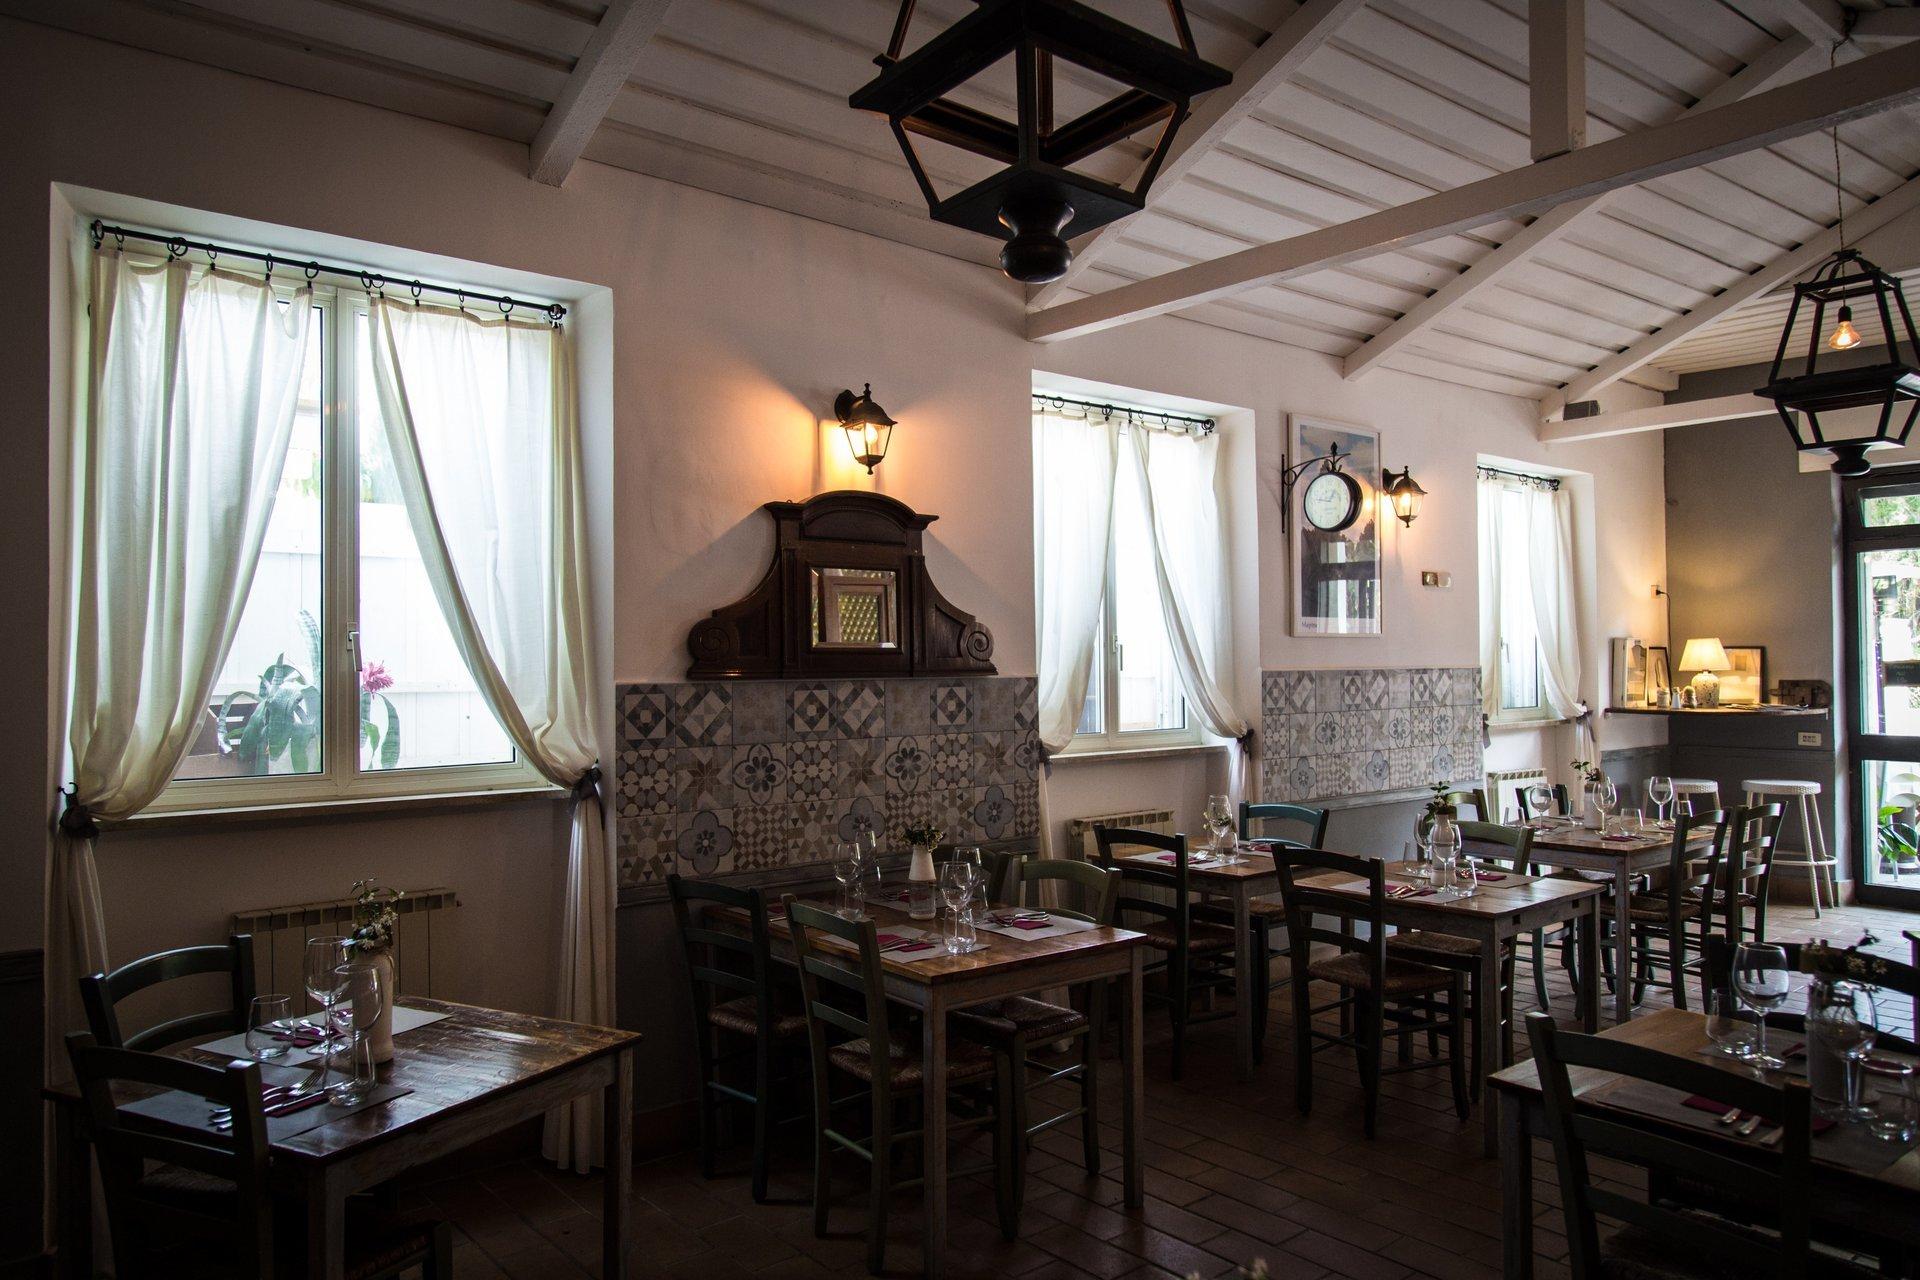 tavoli in legno apparecchiati dentro il ristorante